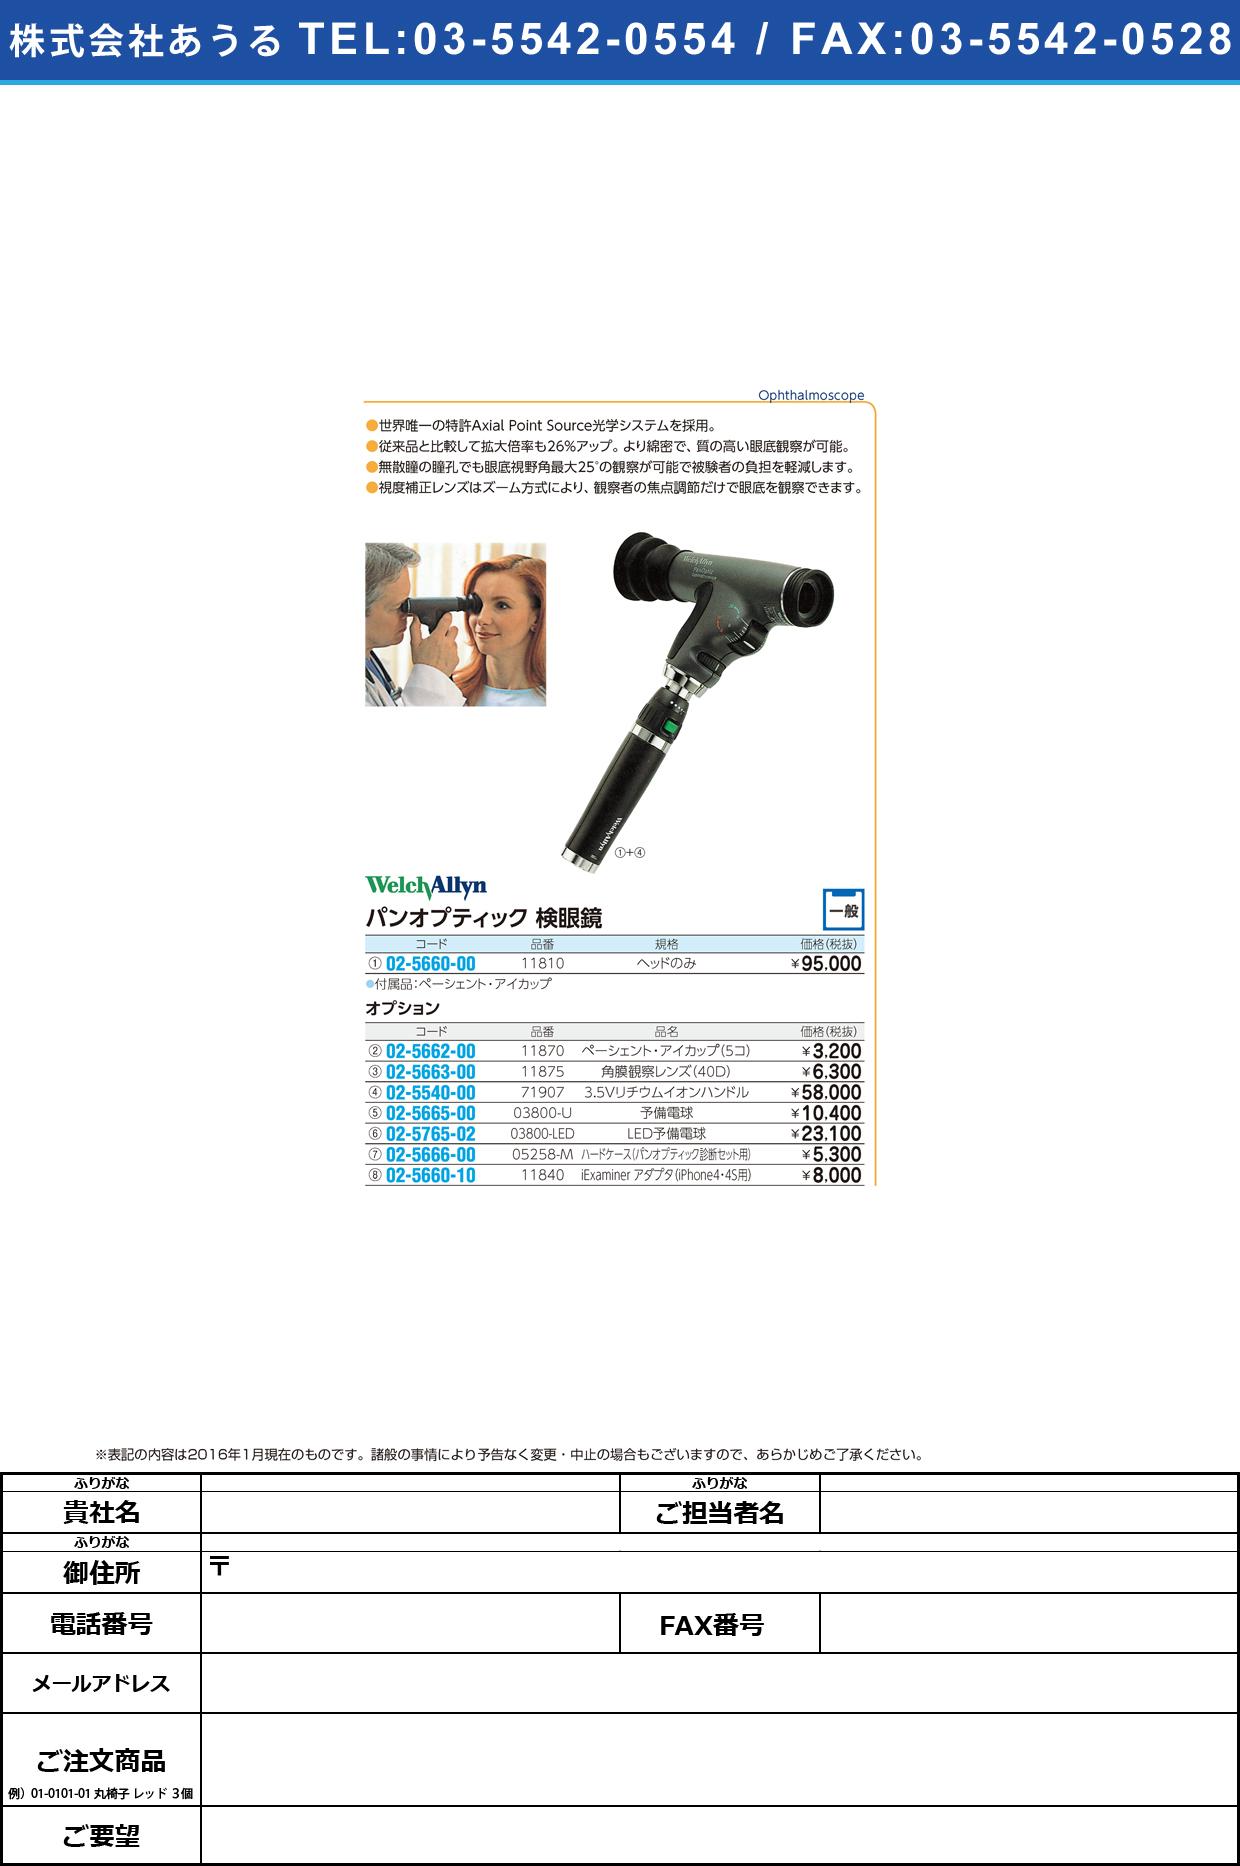 iExamminerアダプター    IEXAMINERアダプター 11840【1台単位】(02-5660-10)